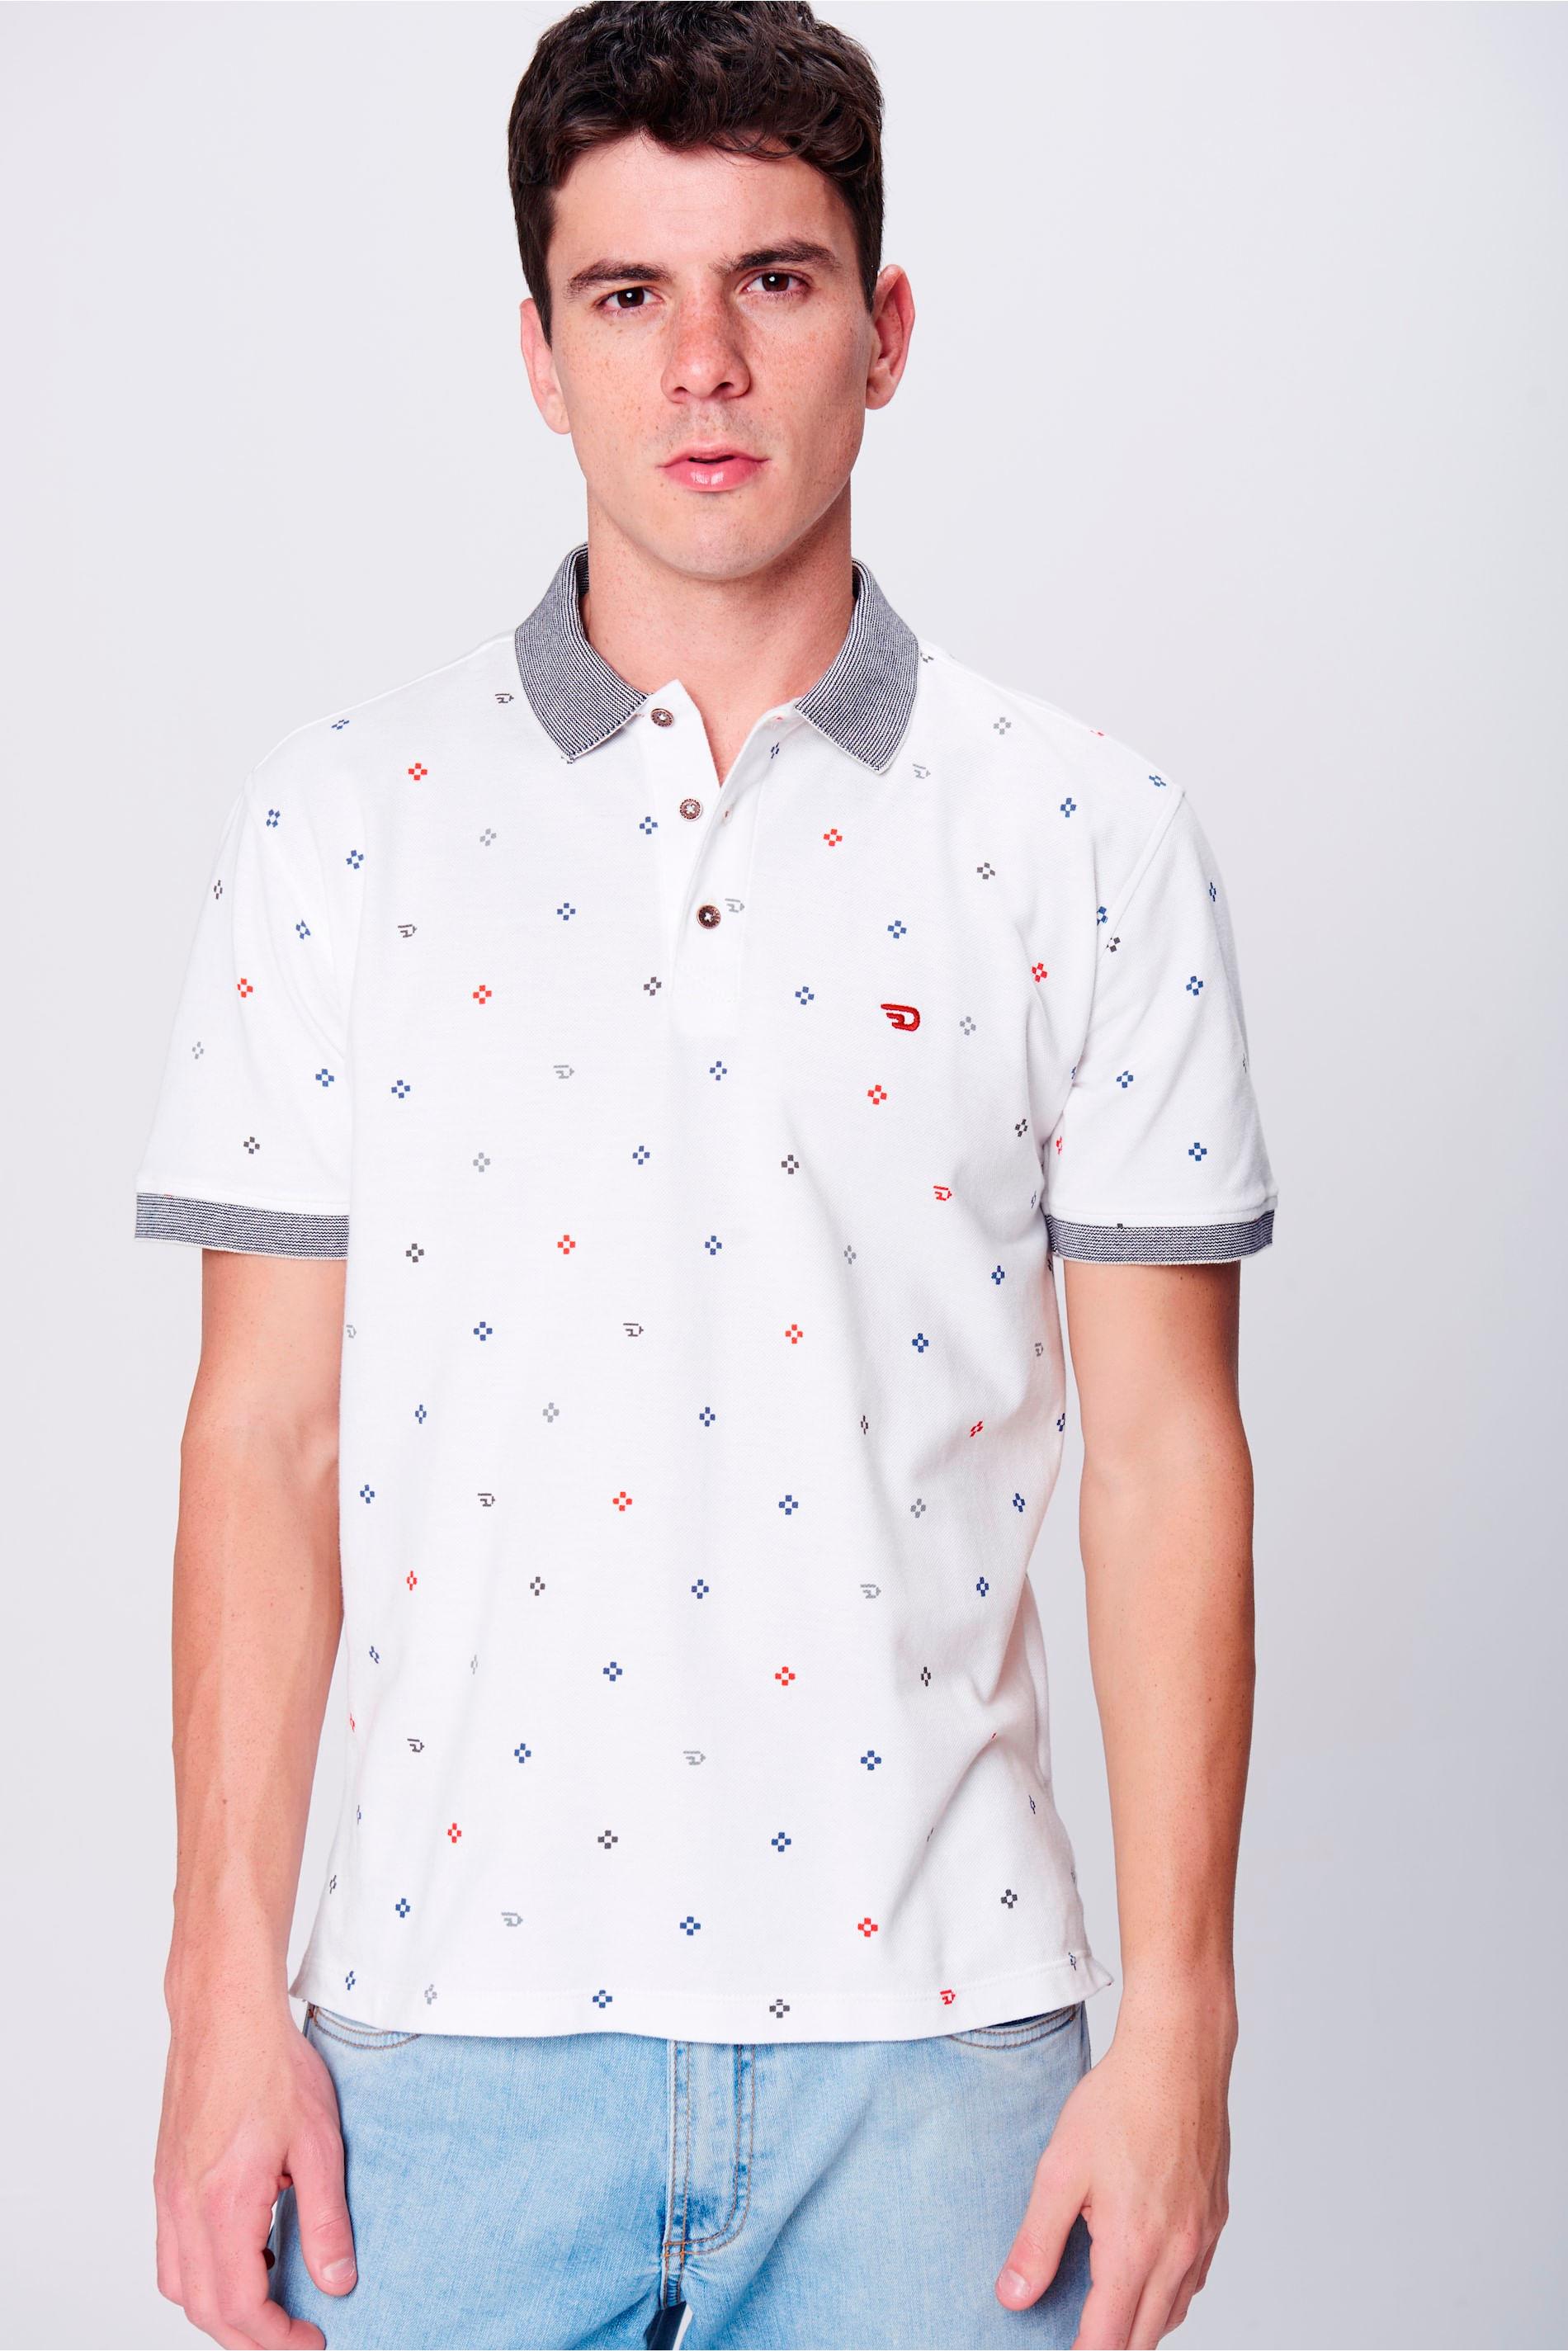 Look Elegante Camisa Gola Polo - Damyller 24b935a07f94e